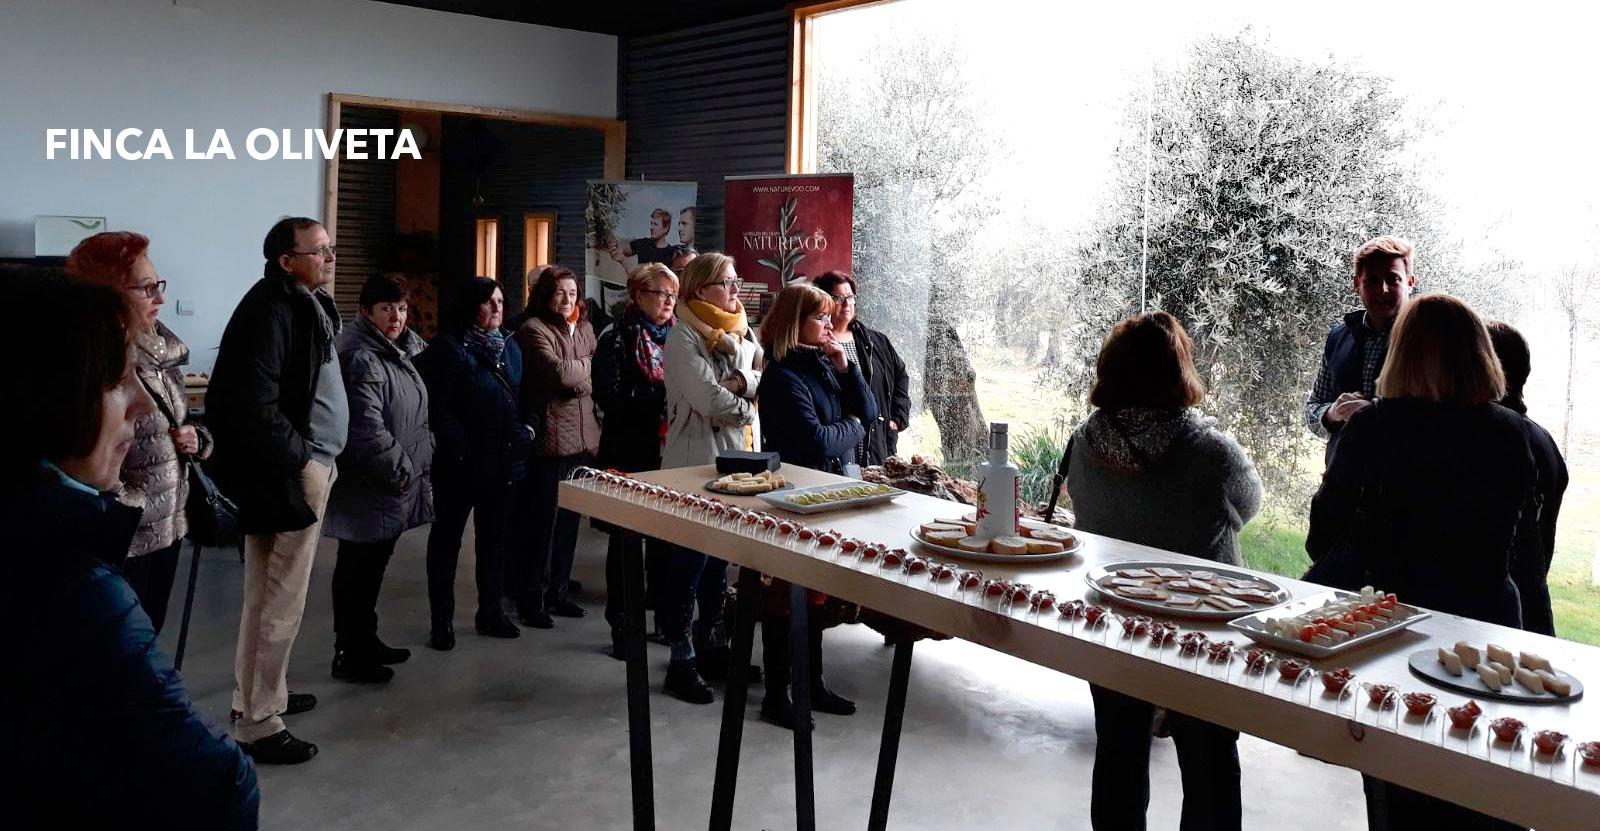 OLEOTURISMO-27-DE-FEBRERO-FINCA-LA-OLIVETA